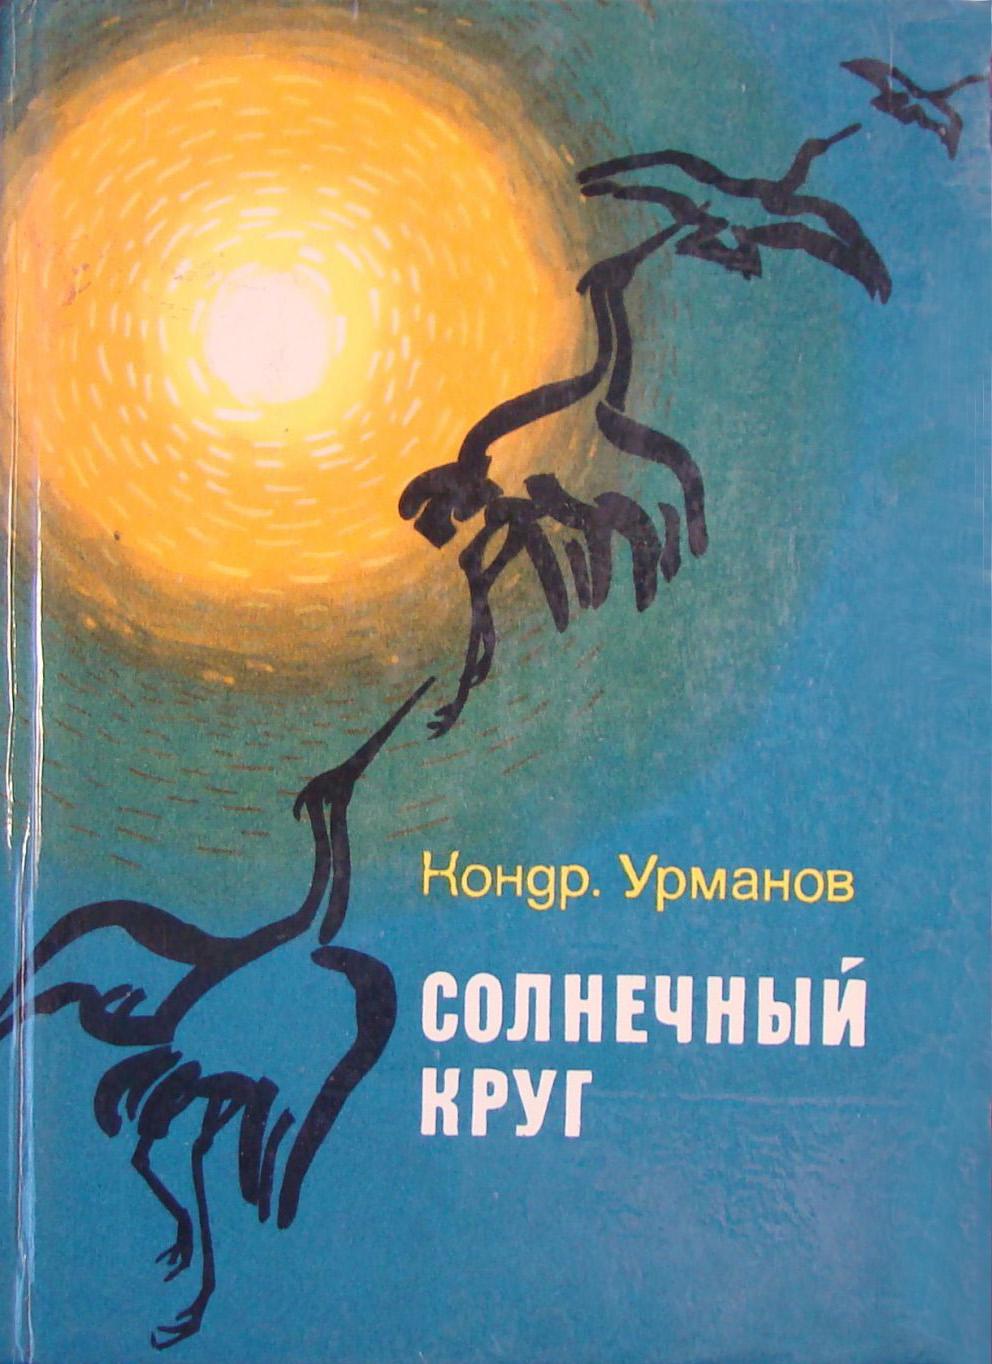 К. Урманов - Солнечный круг